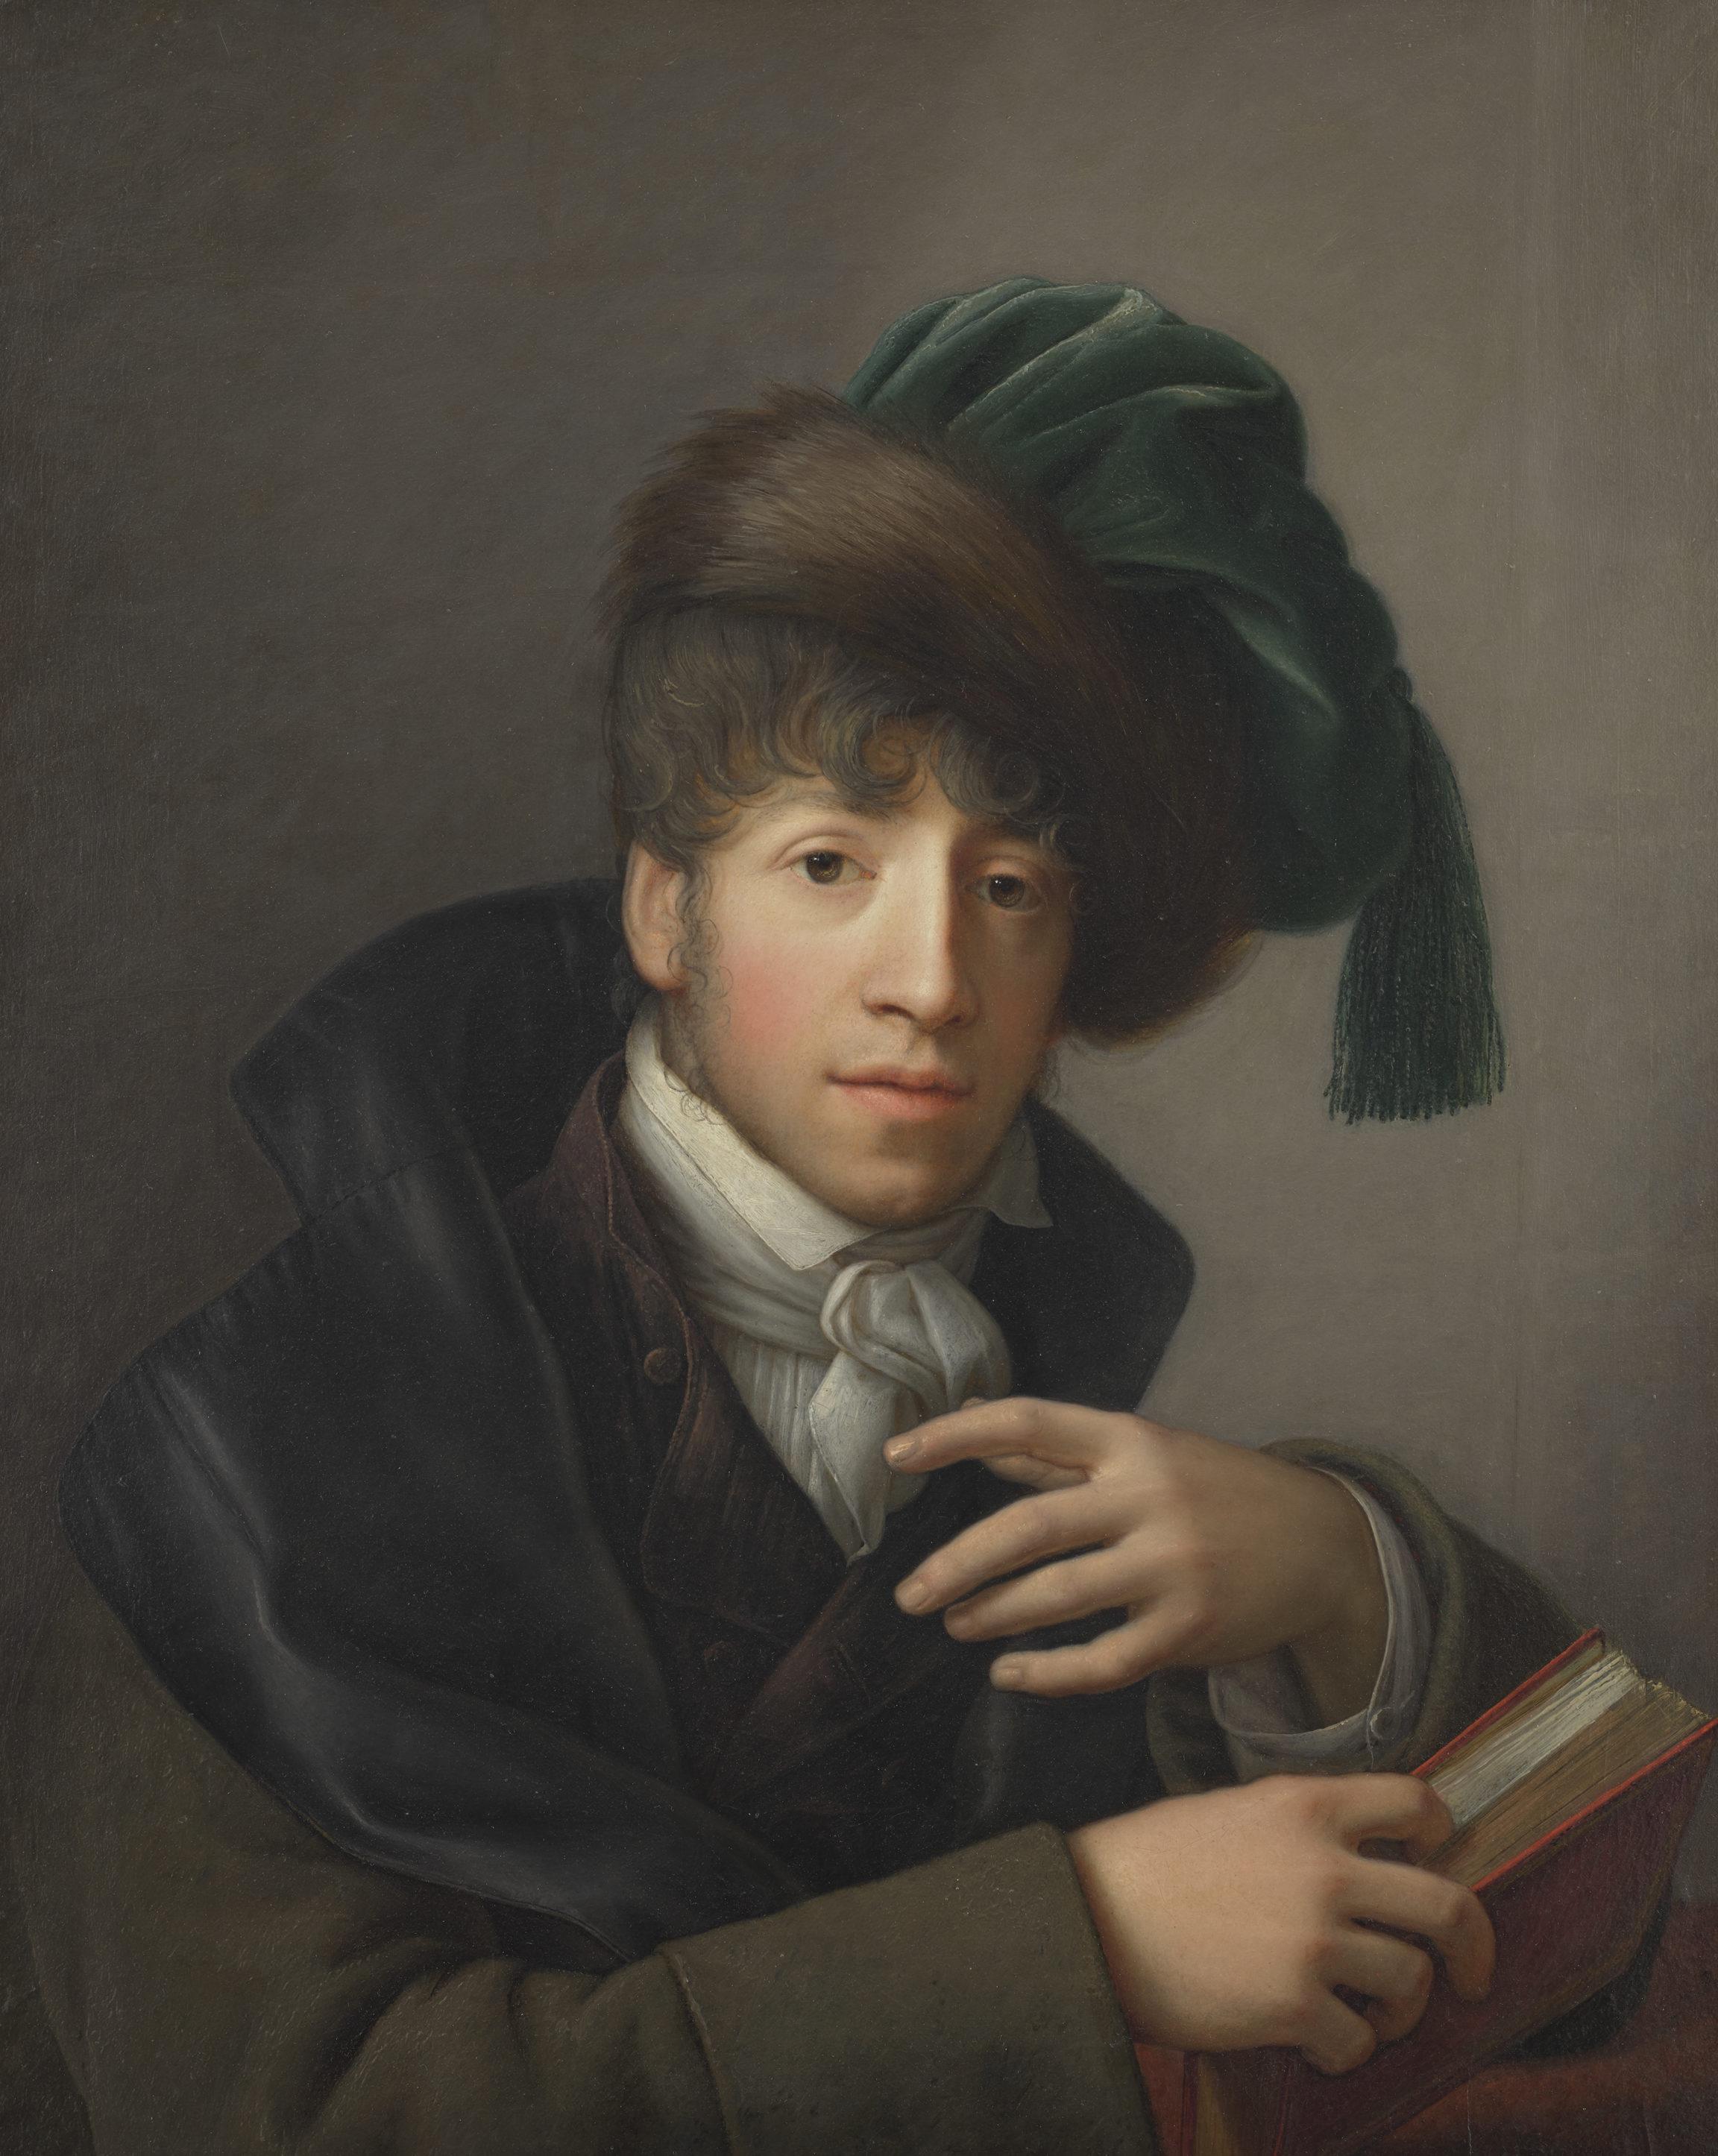 Johann Friedrich August Tischbein , Portrait de Nicolas Châtelain, vers 1800 - 1810